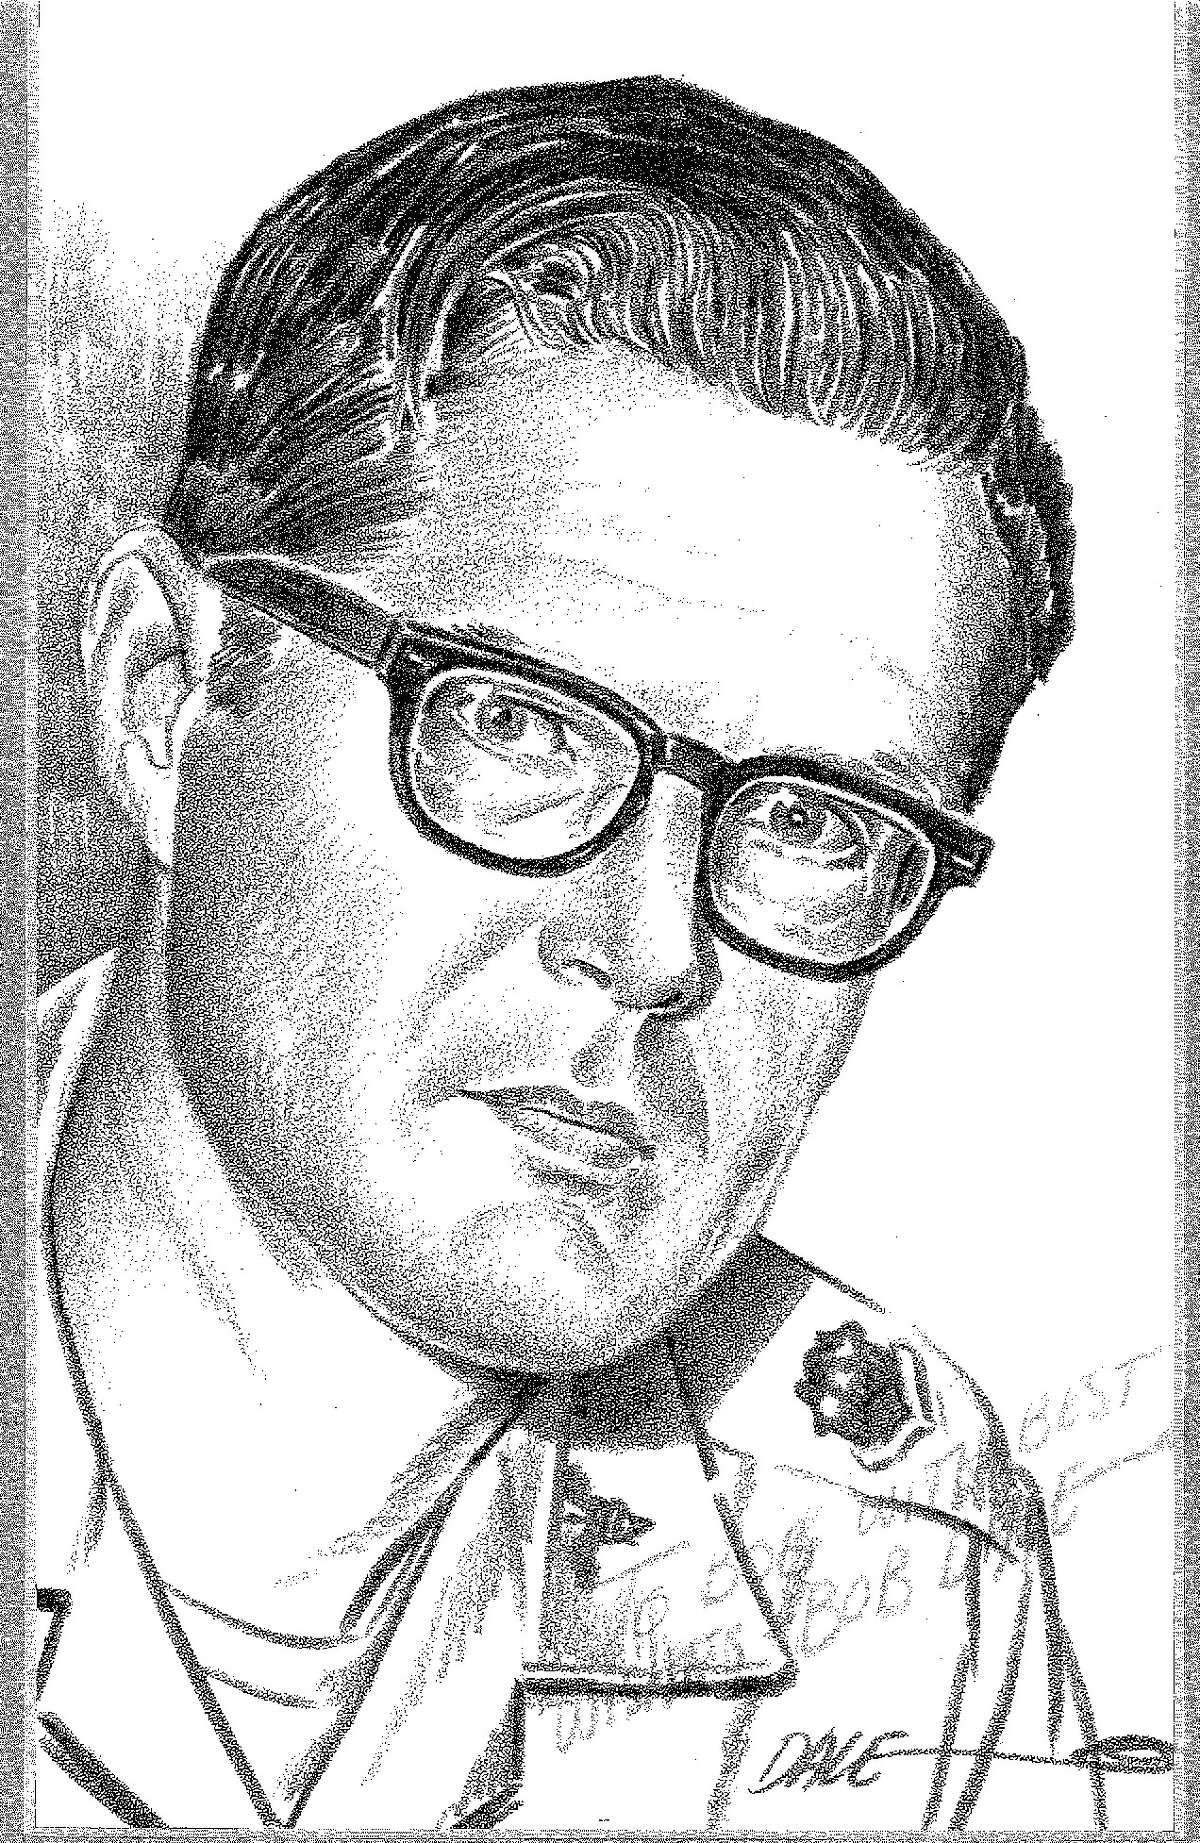 Col. Orbelo